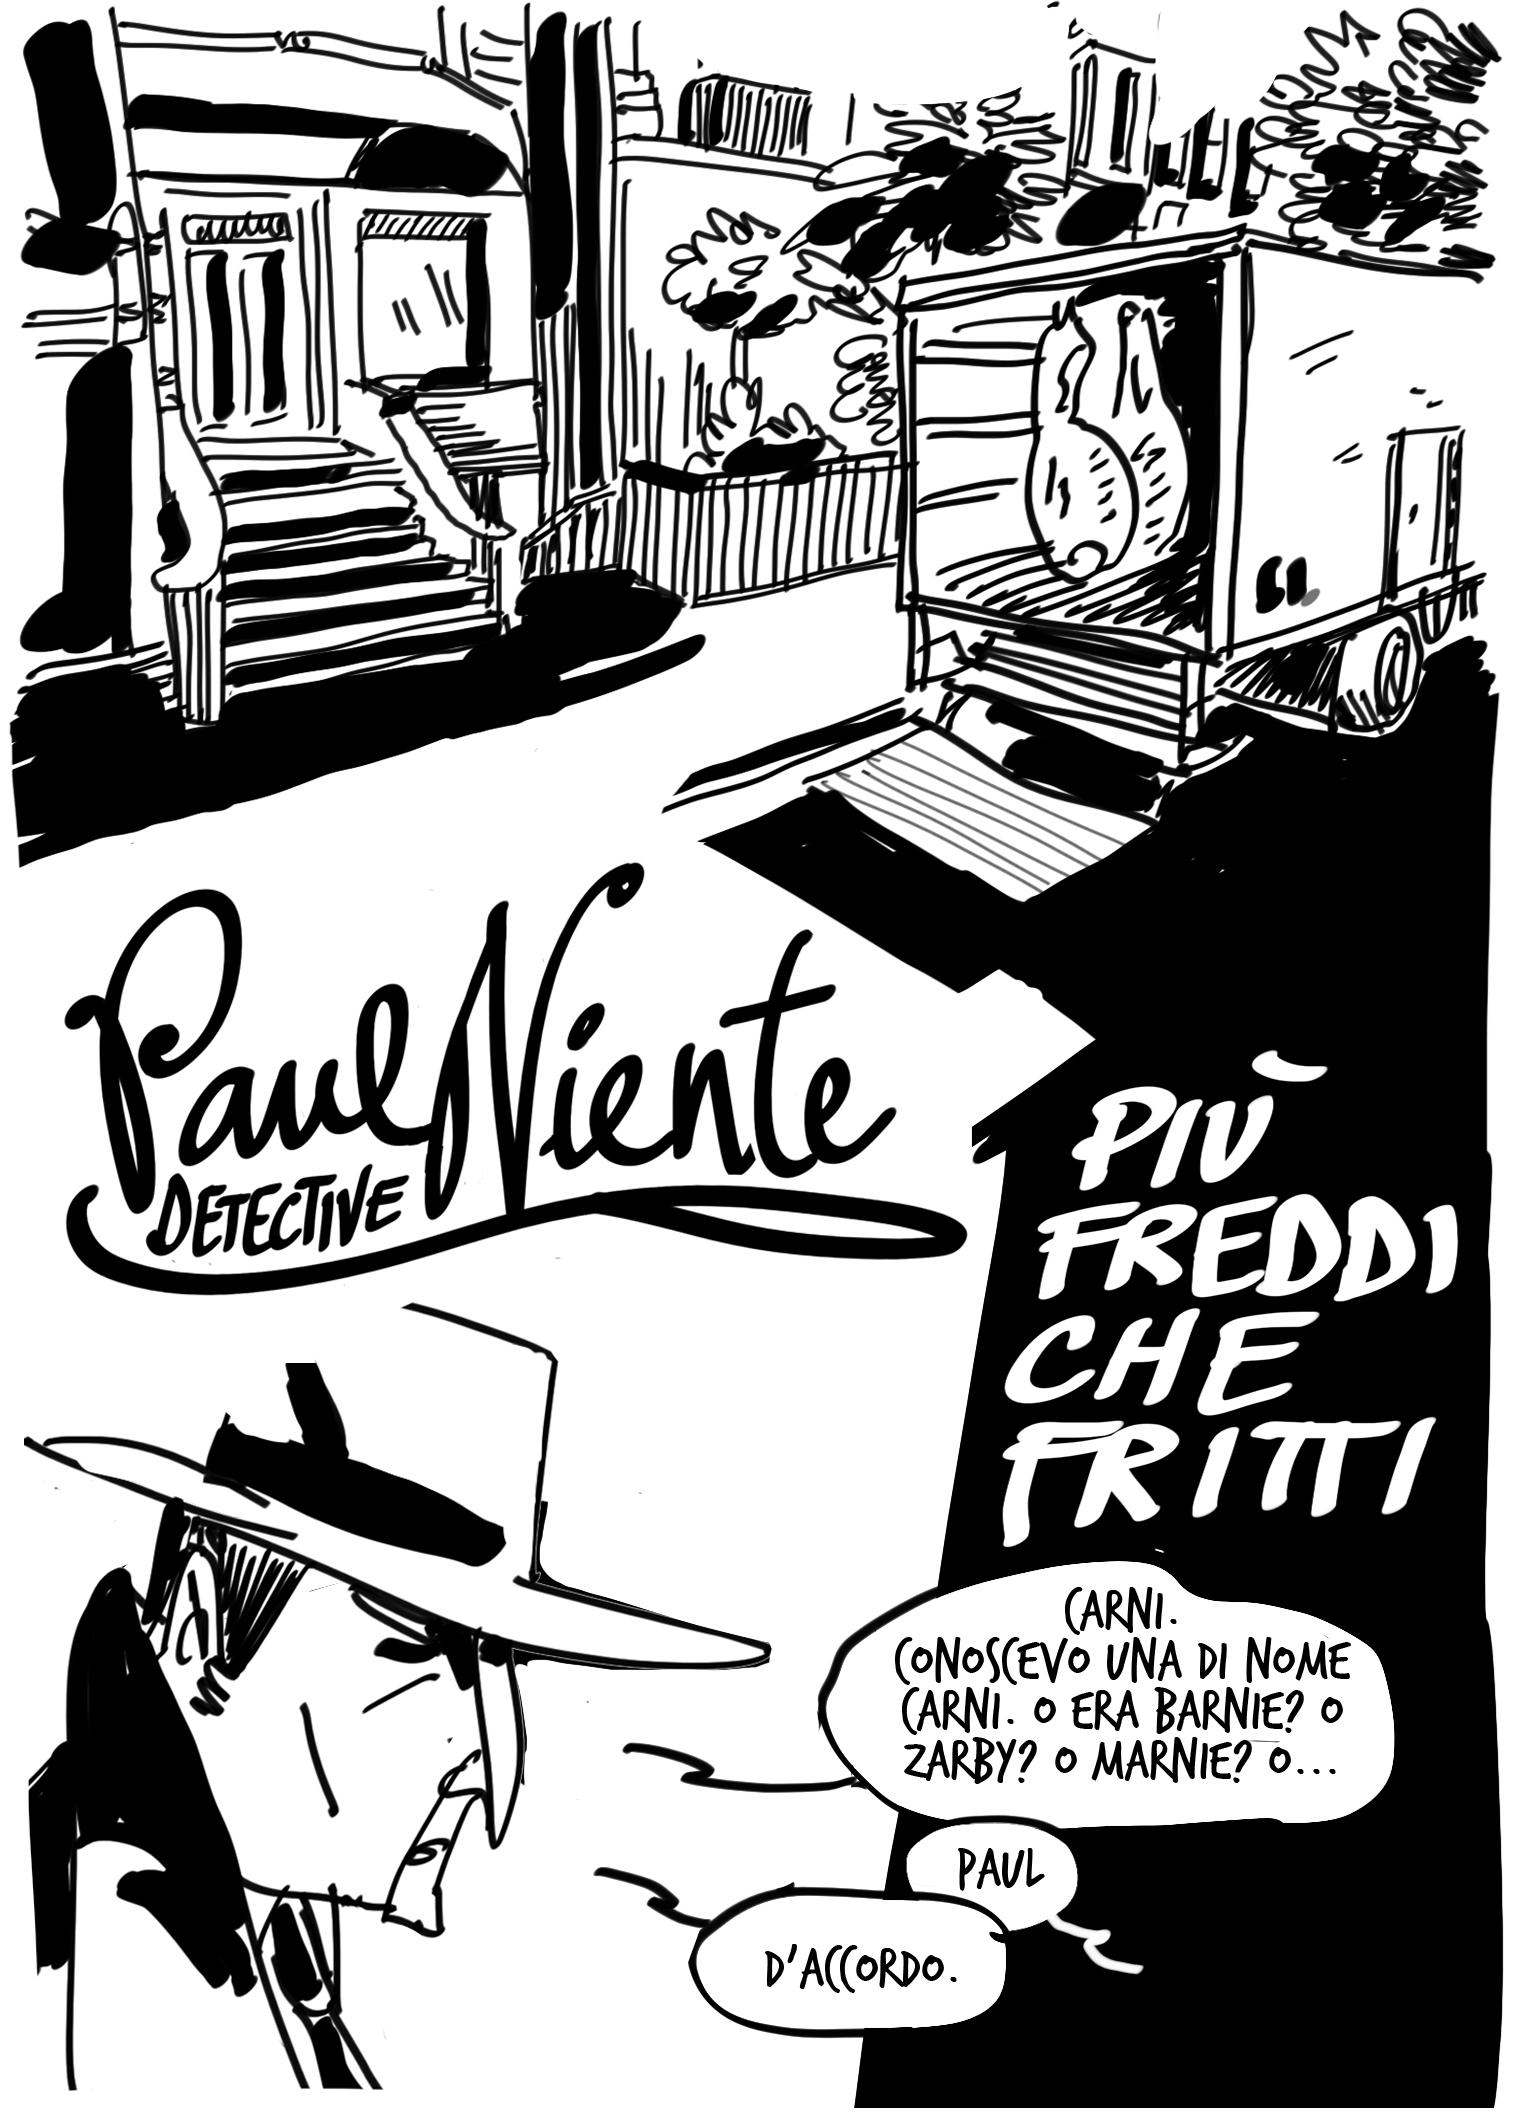 Paul Niente